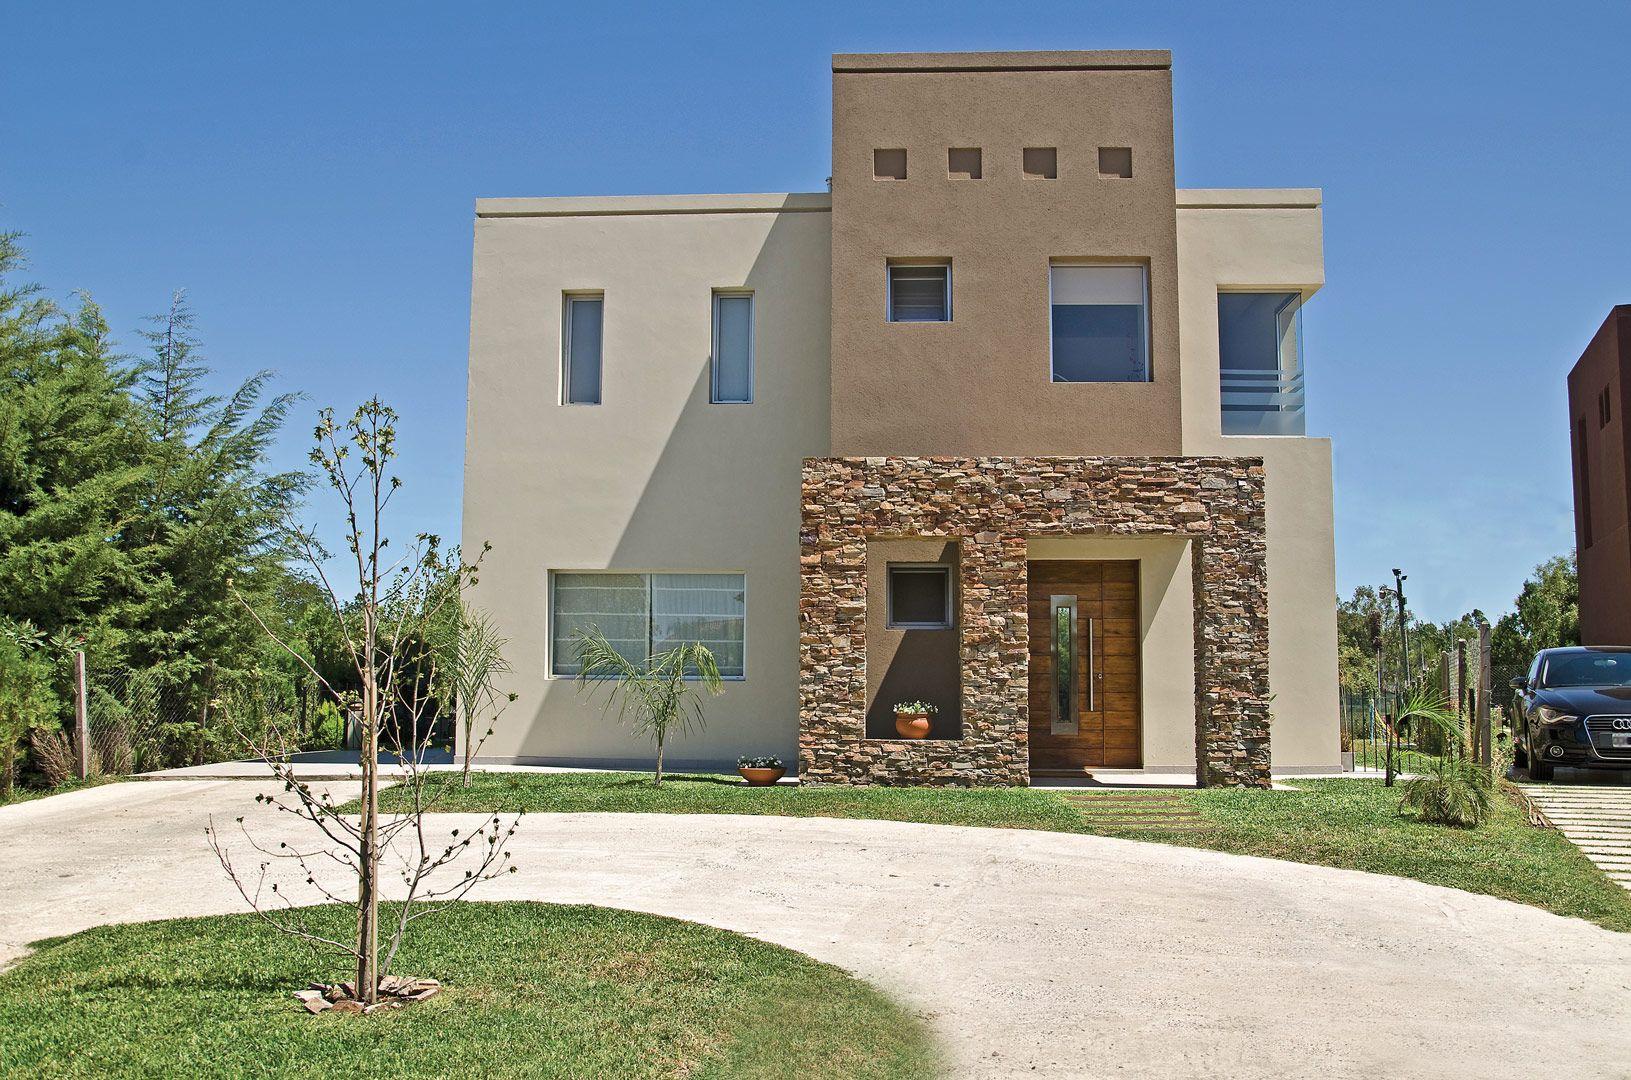 Fhee construcciones arquitecto fabi n el as en 2018 - Construcciones de casas modernas ...